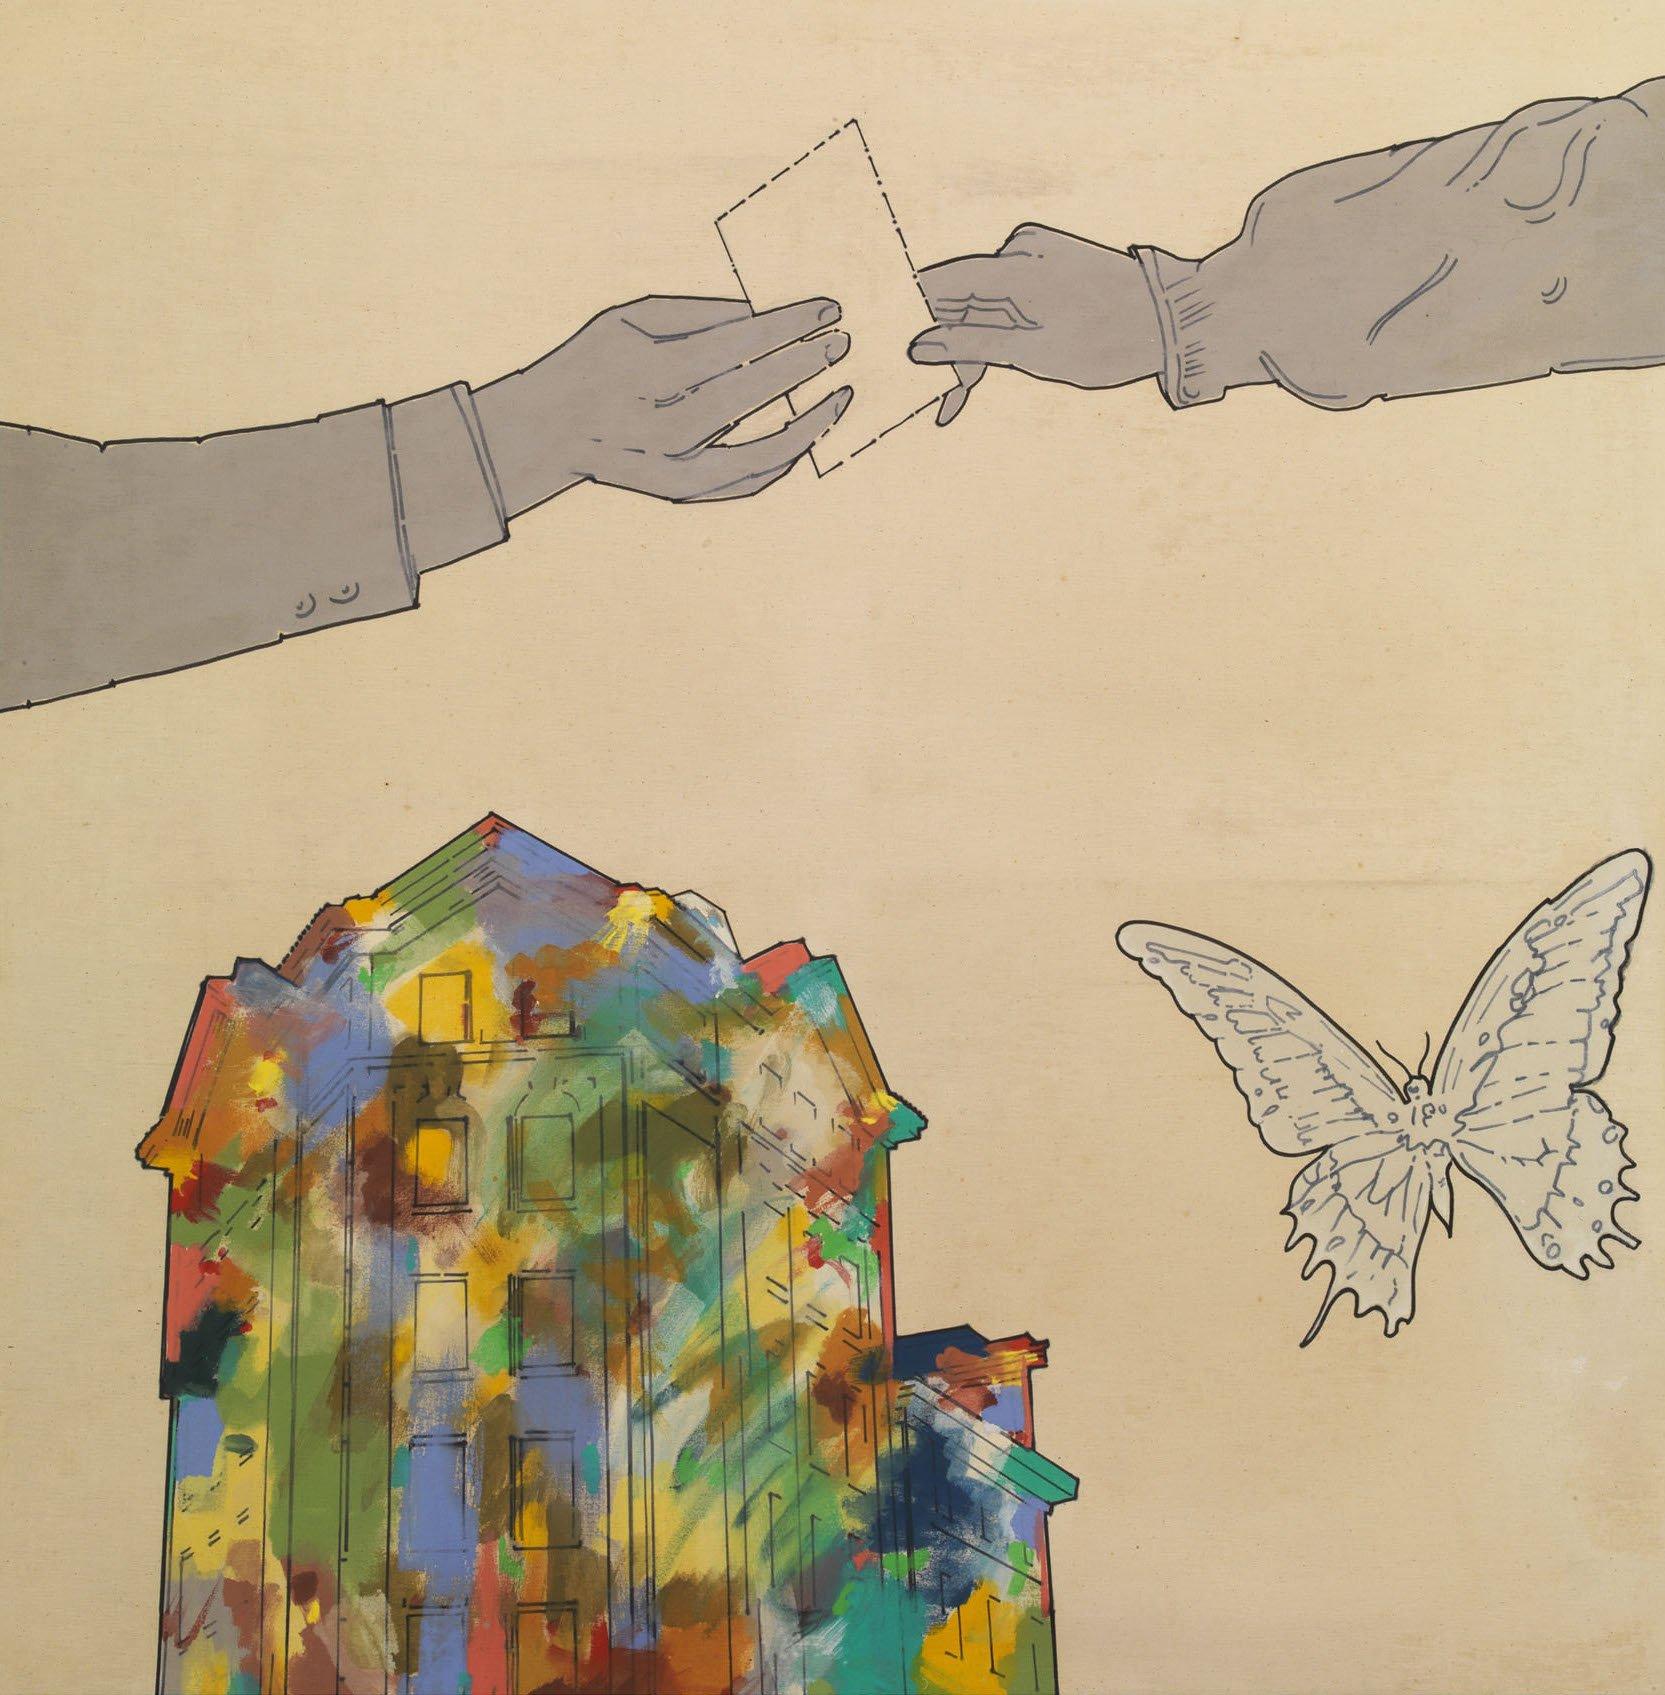 Mambor, Il gesto dell'autostrada, 1965, 130x130 cm